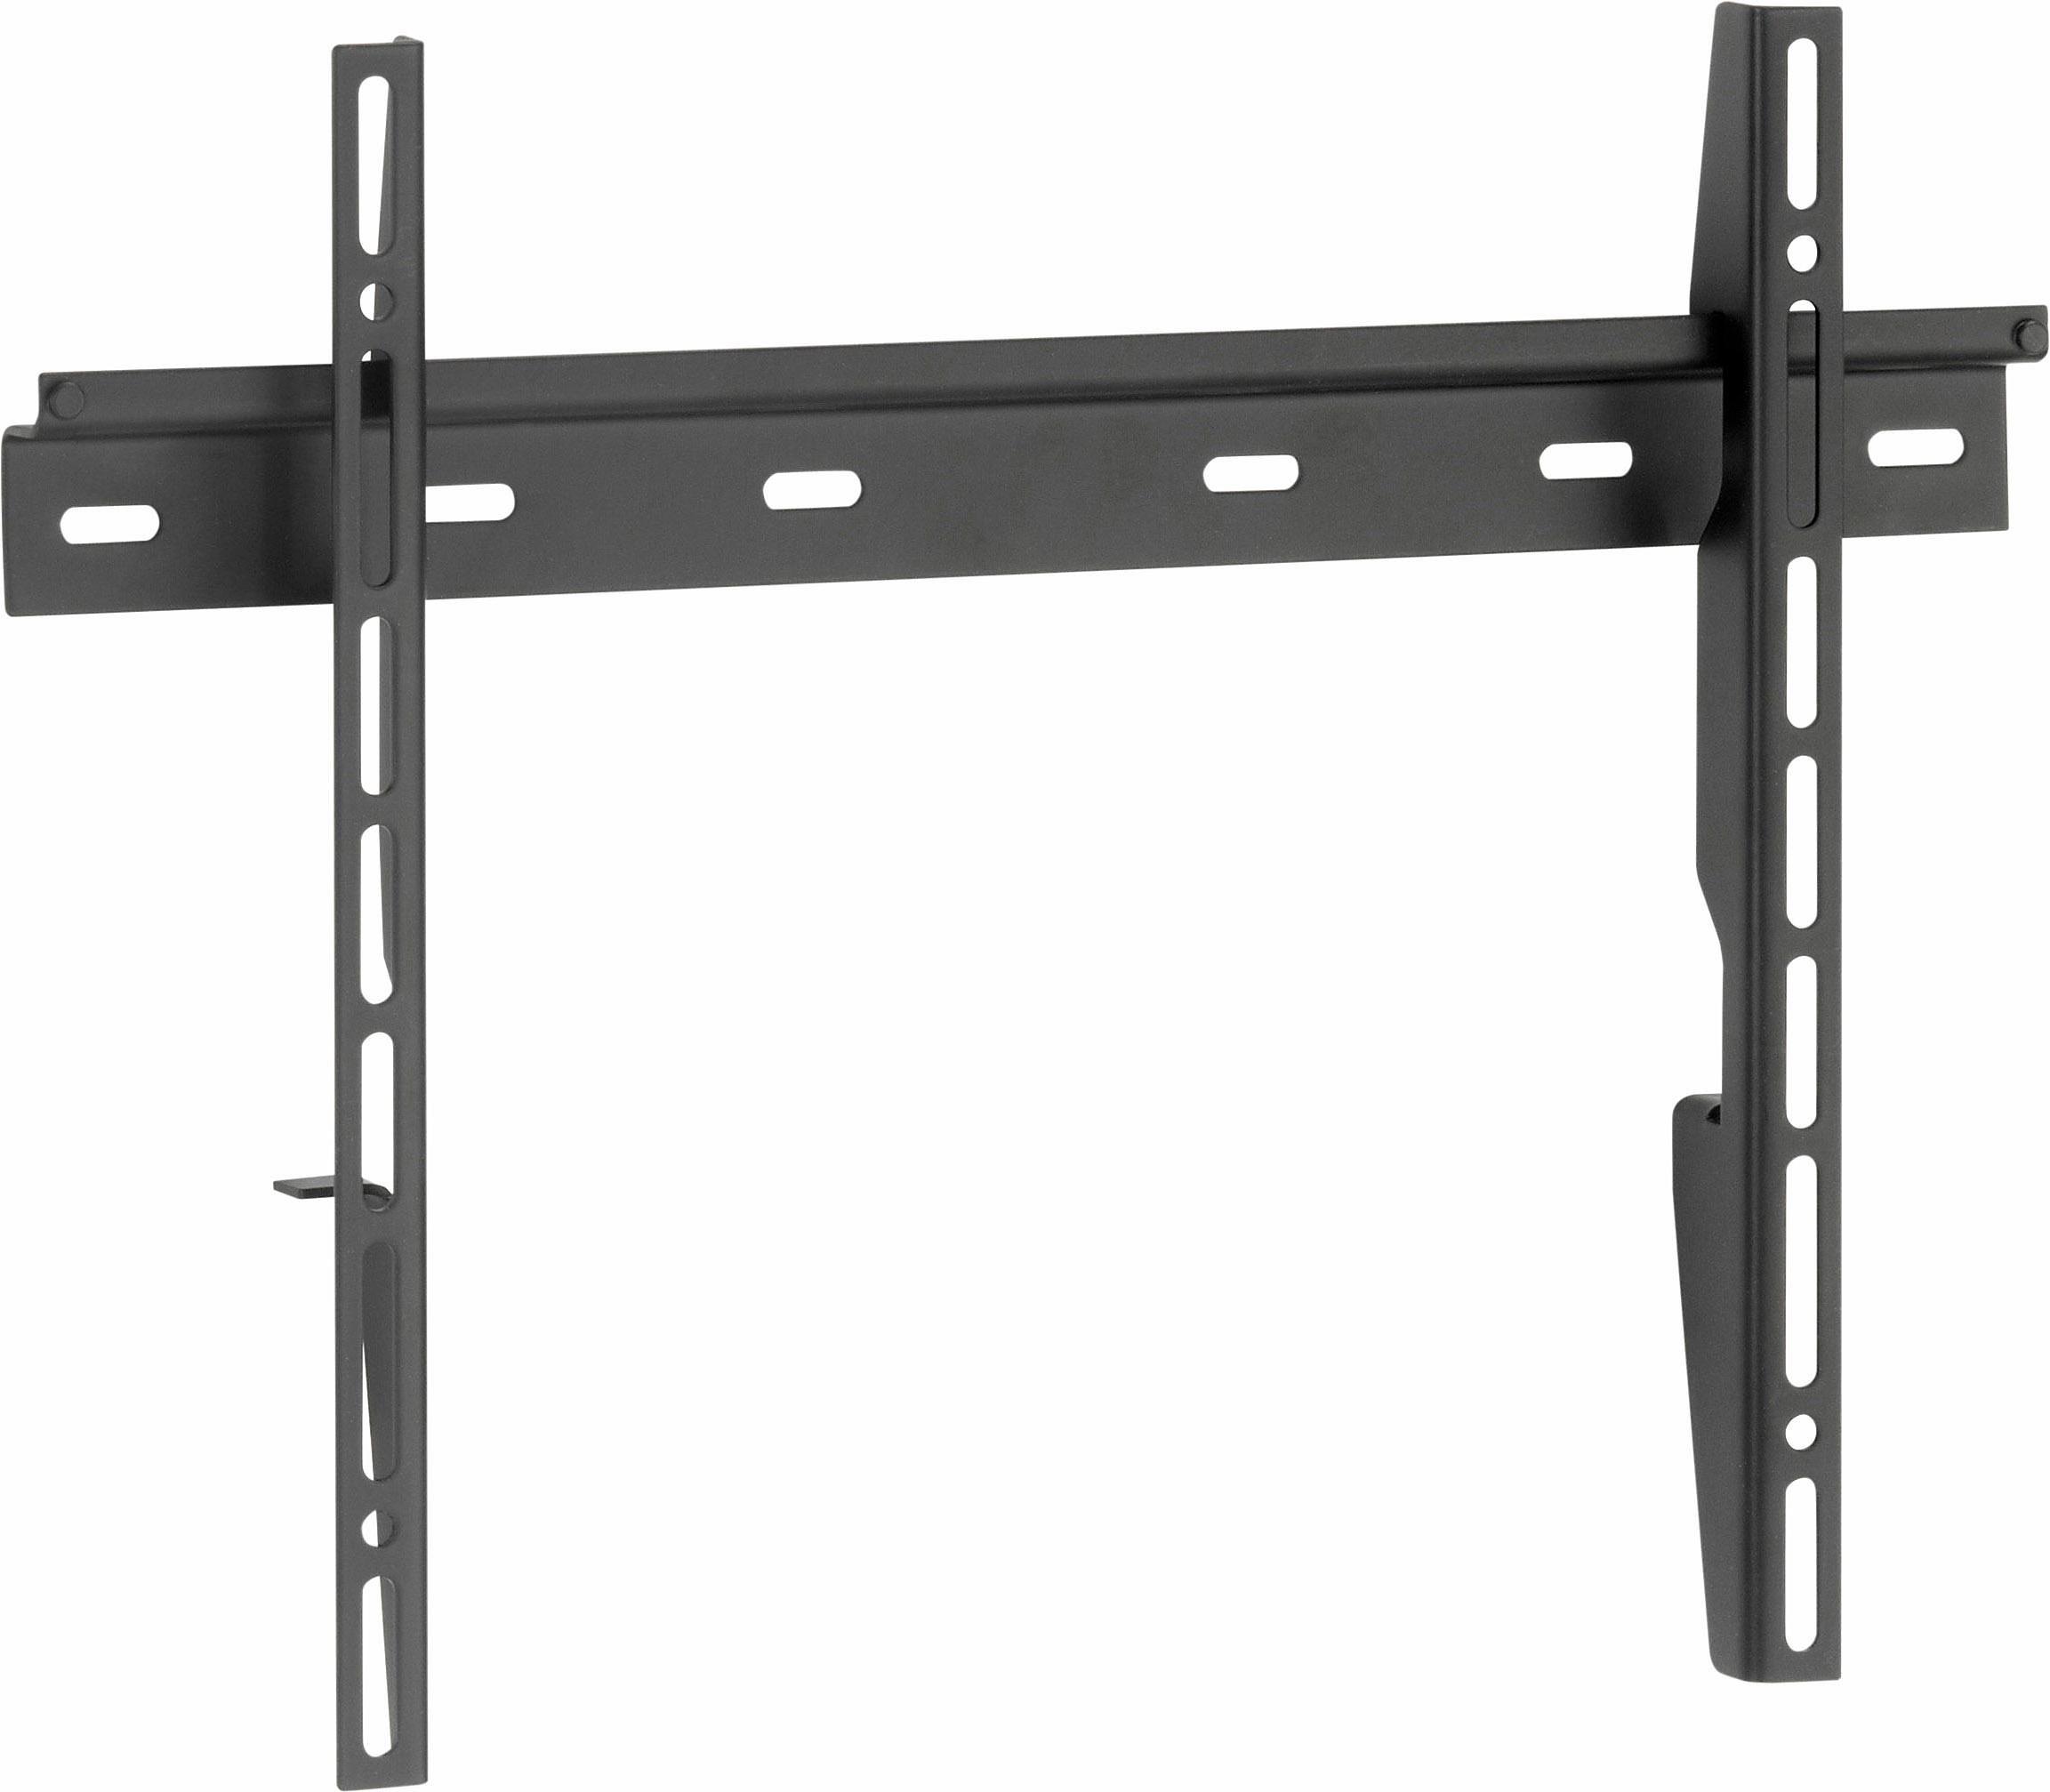 vogel's® TV-Wandhalterung »MNT 200«, starr, für 81-140 cm (32-55 Zoll) Fernseher, VESA 400x400